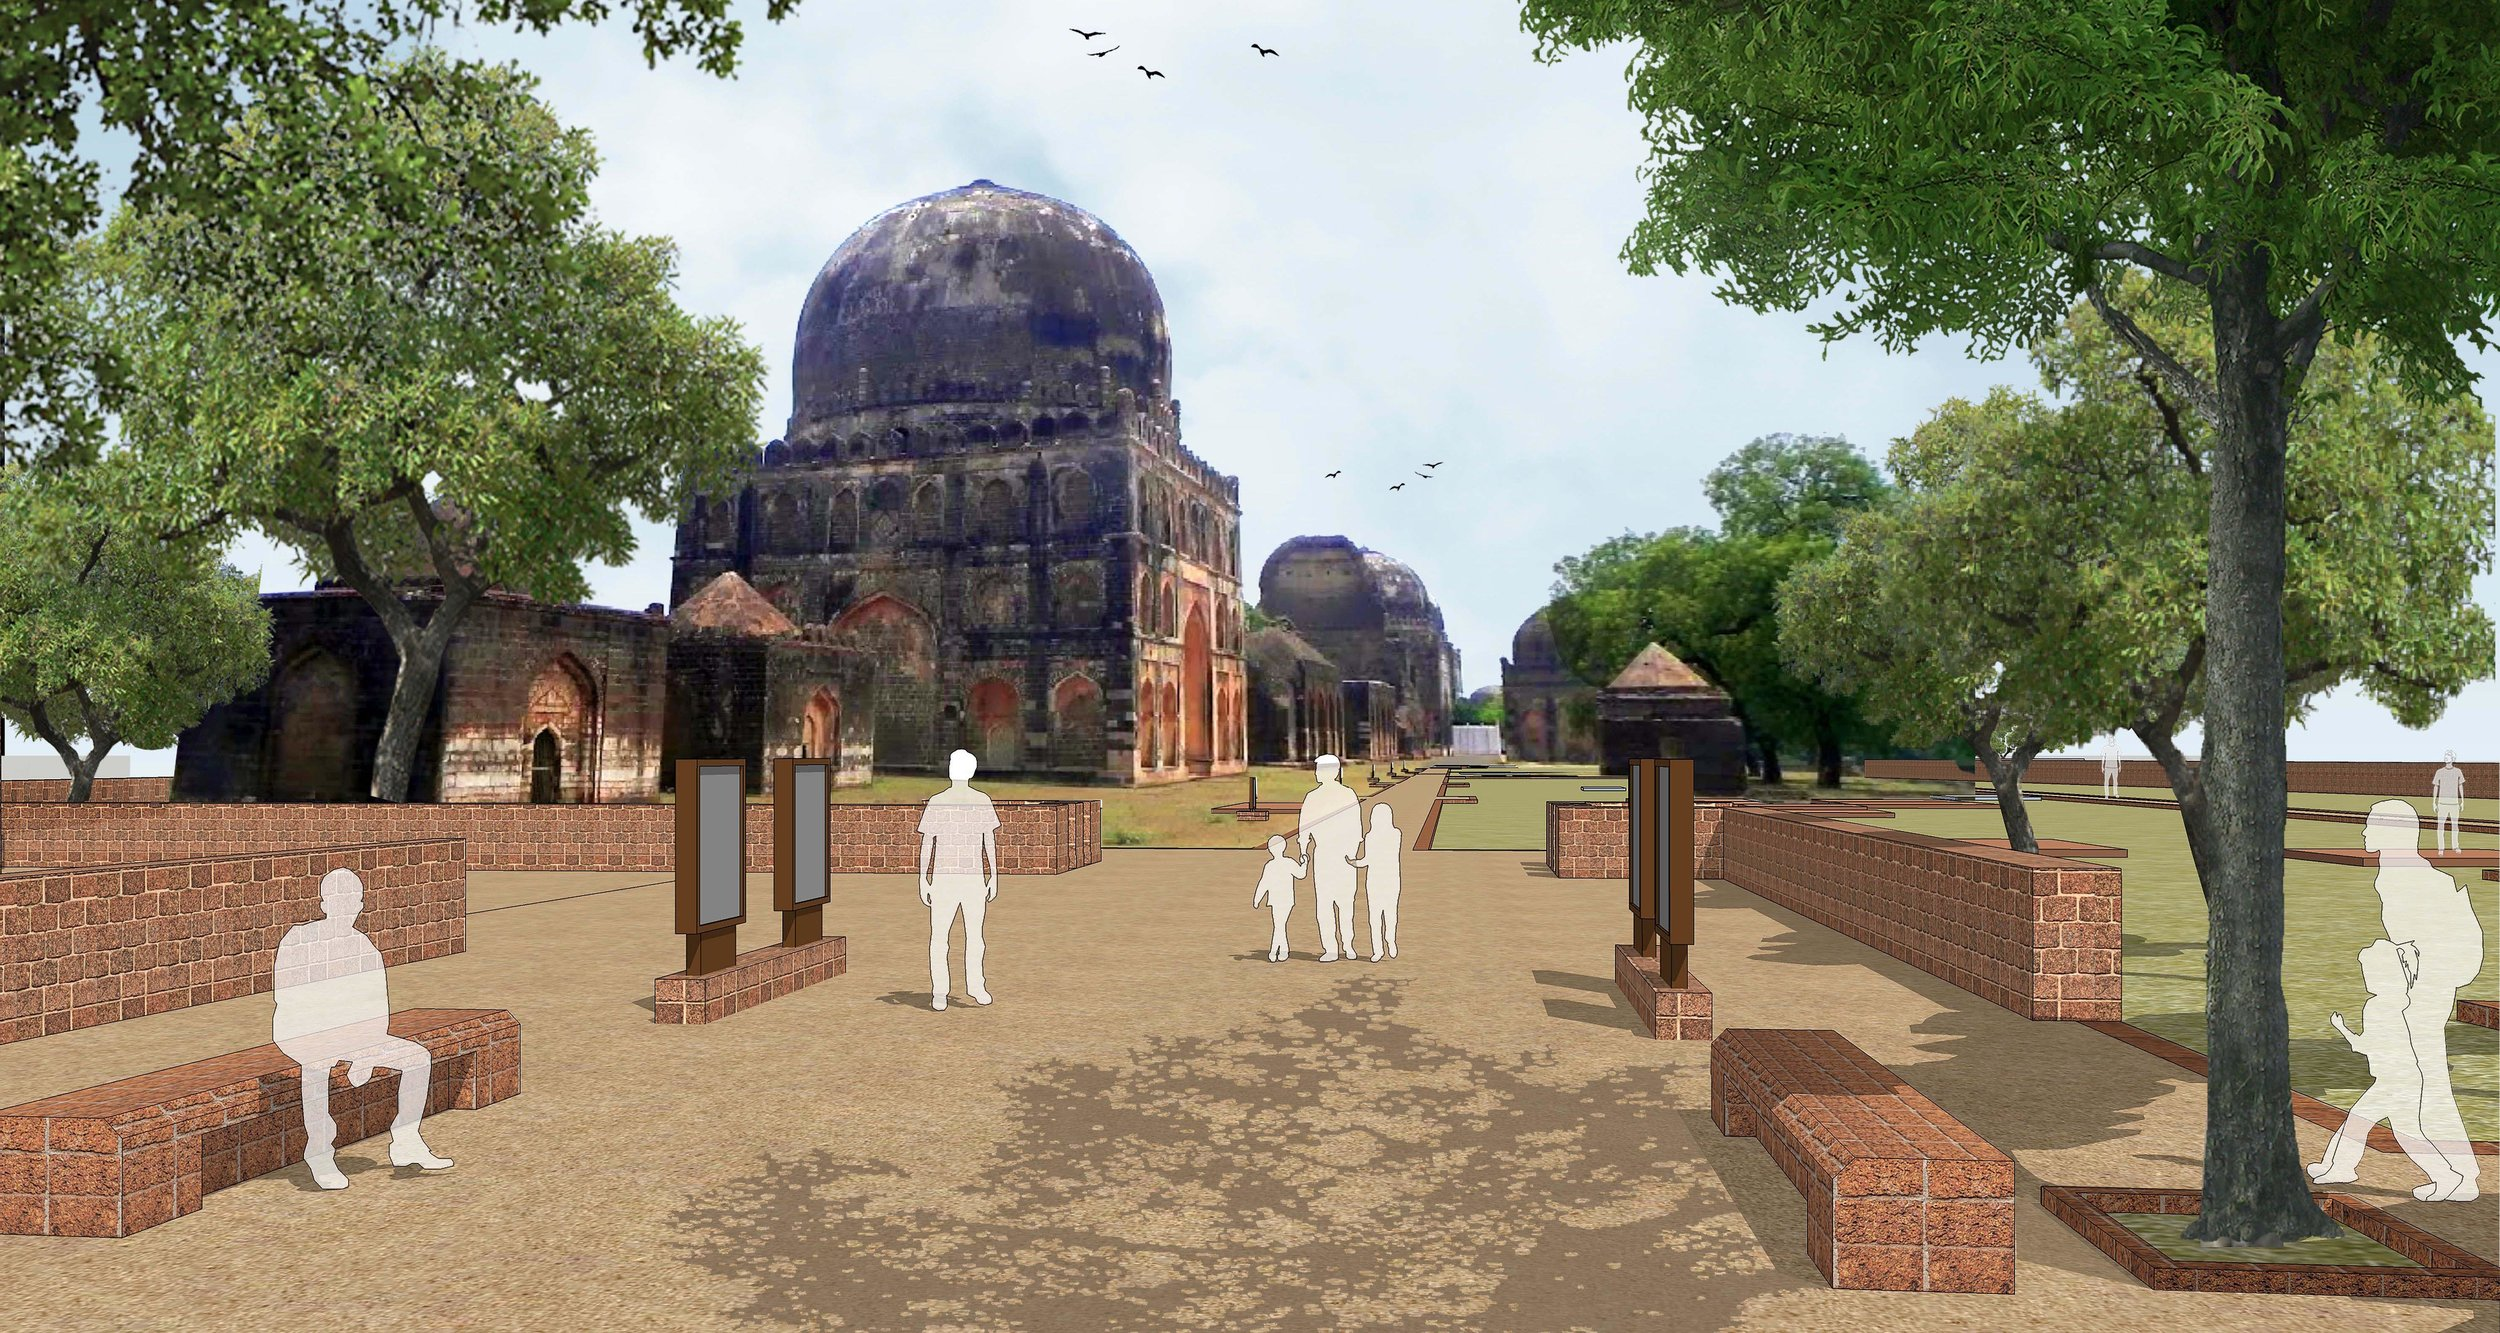 Ficus-landscape-bangalore-bahmani tomb-ASH-06